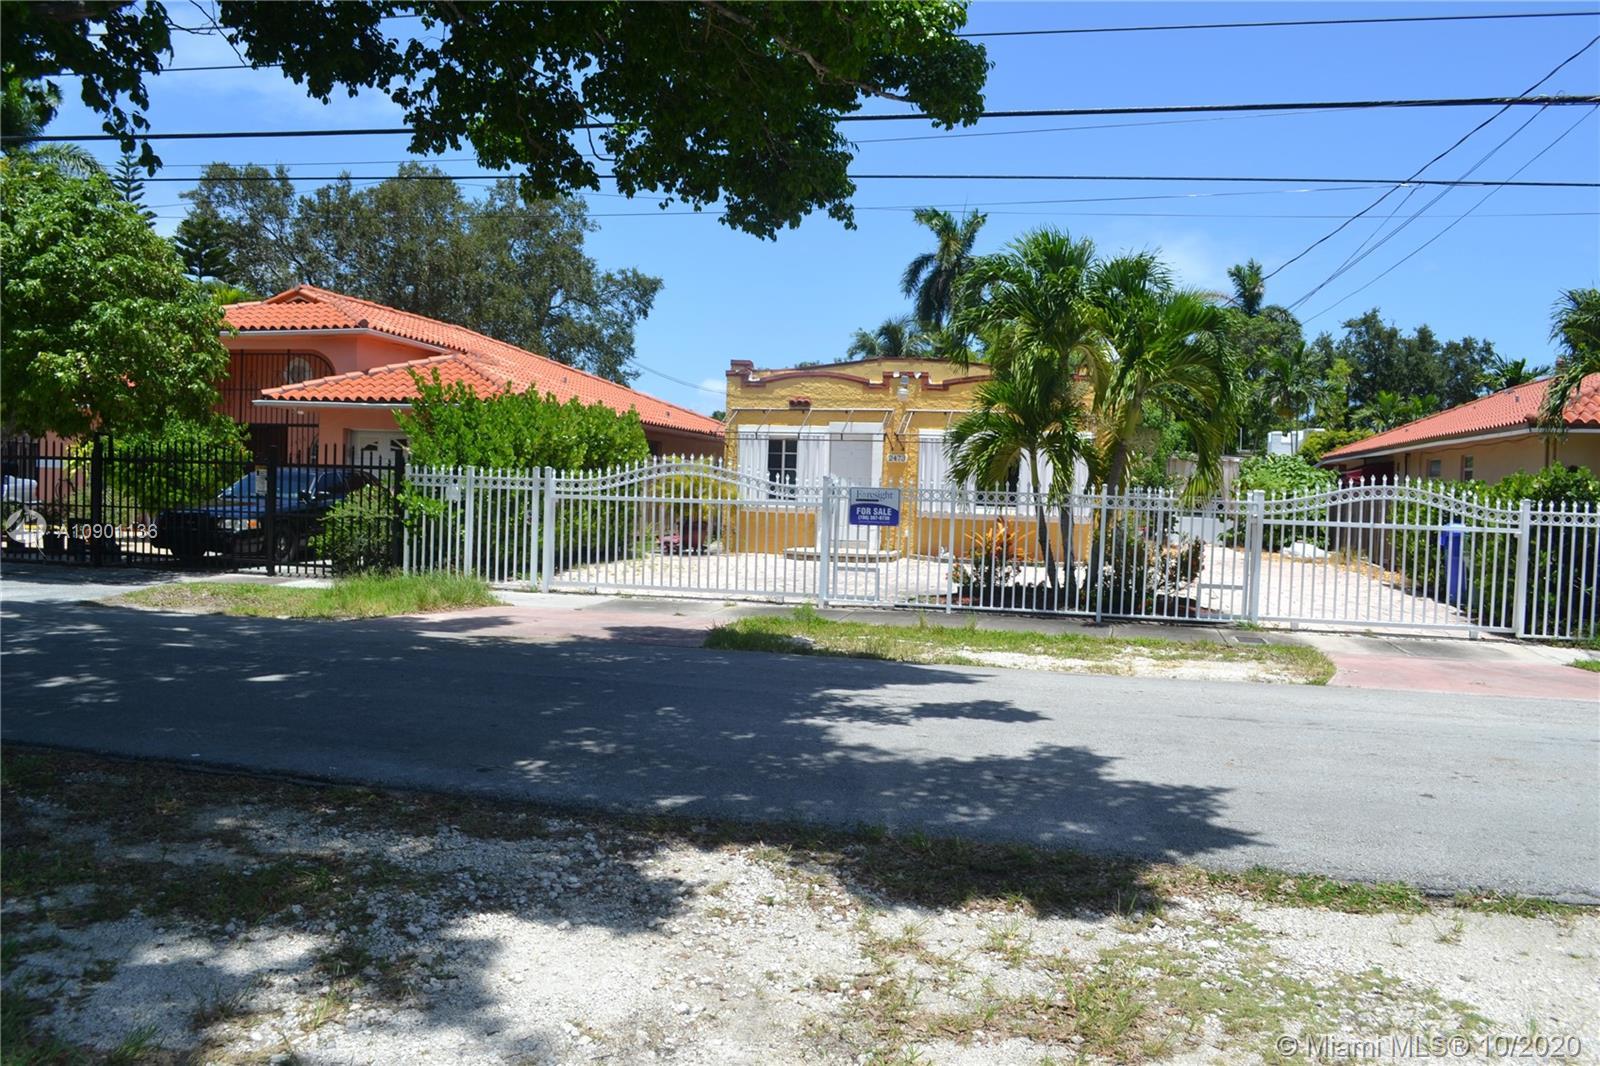 Silver Bluff - 2473 SW 25th Ter, Miami, FL 33133